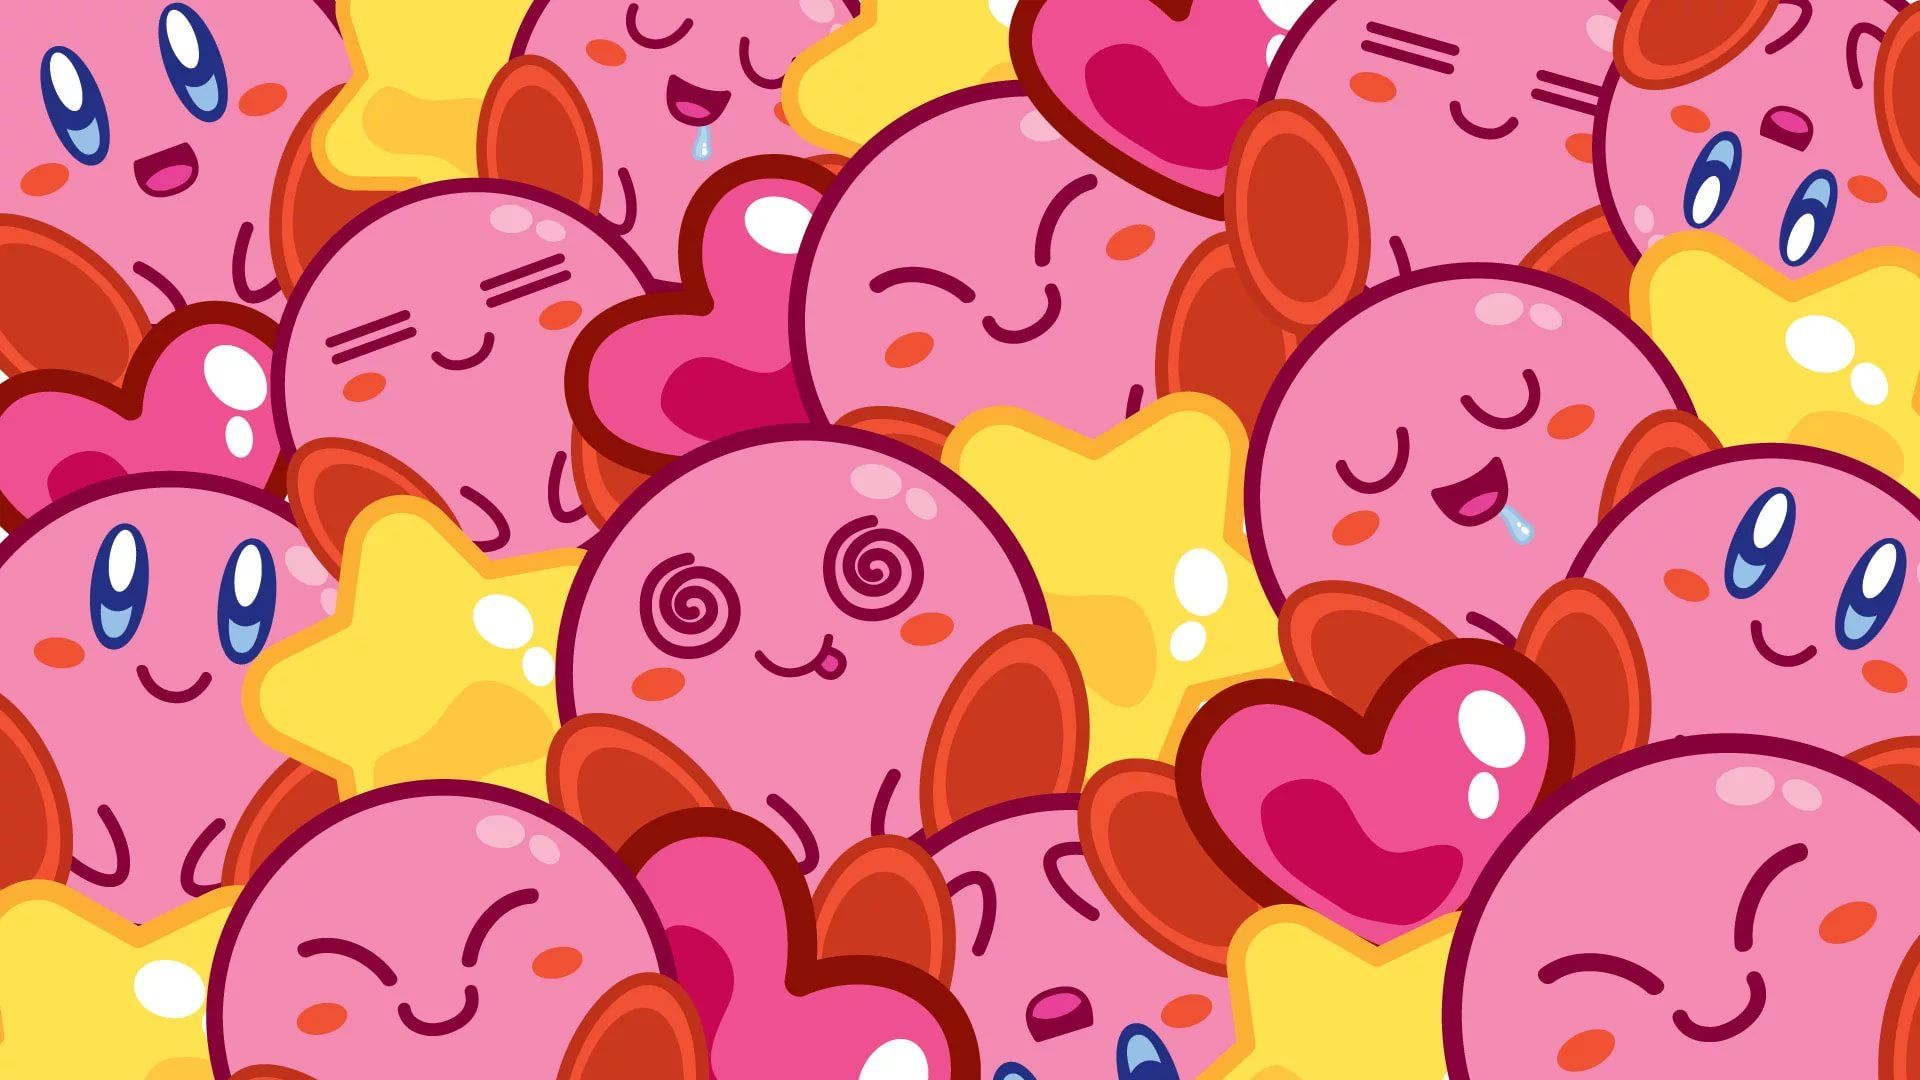 Kirby wallpaper photo full hd